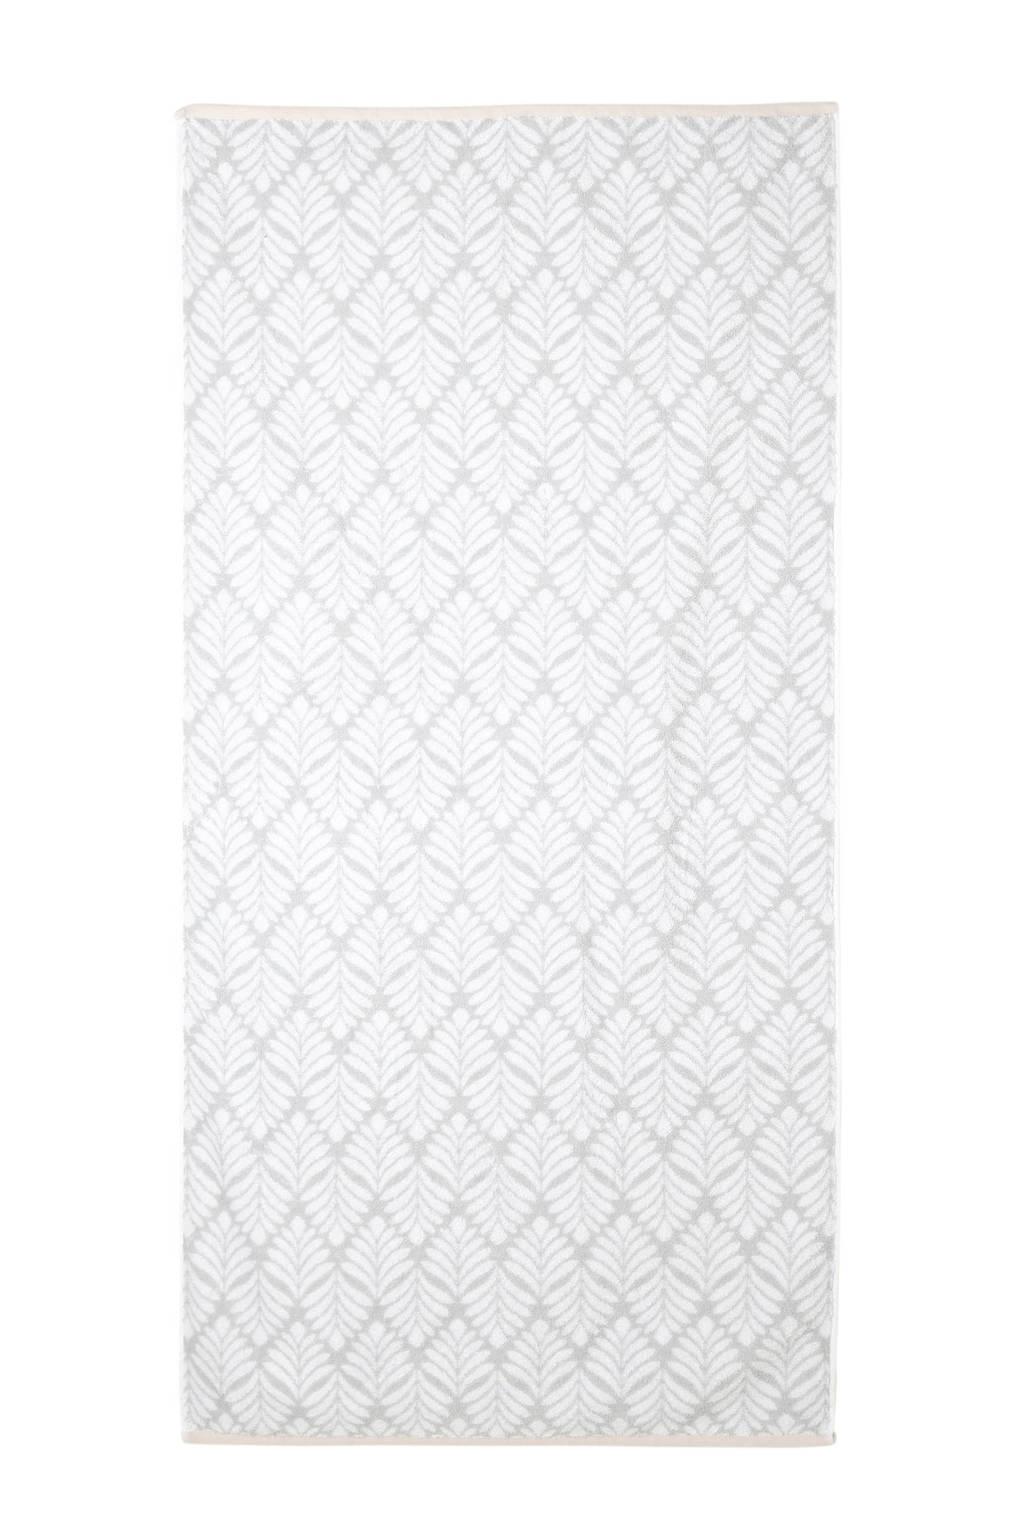 C&A Home handdoek (140x70 cm), Lichtgrijs/wit/roze